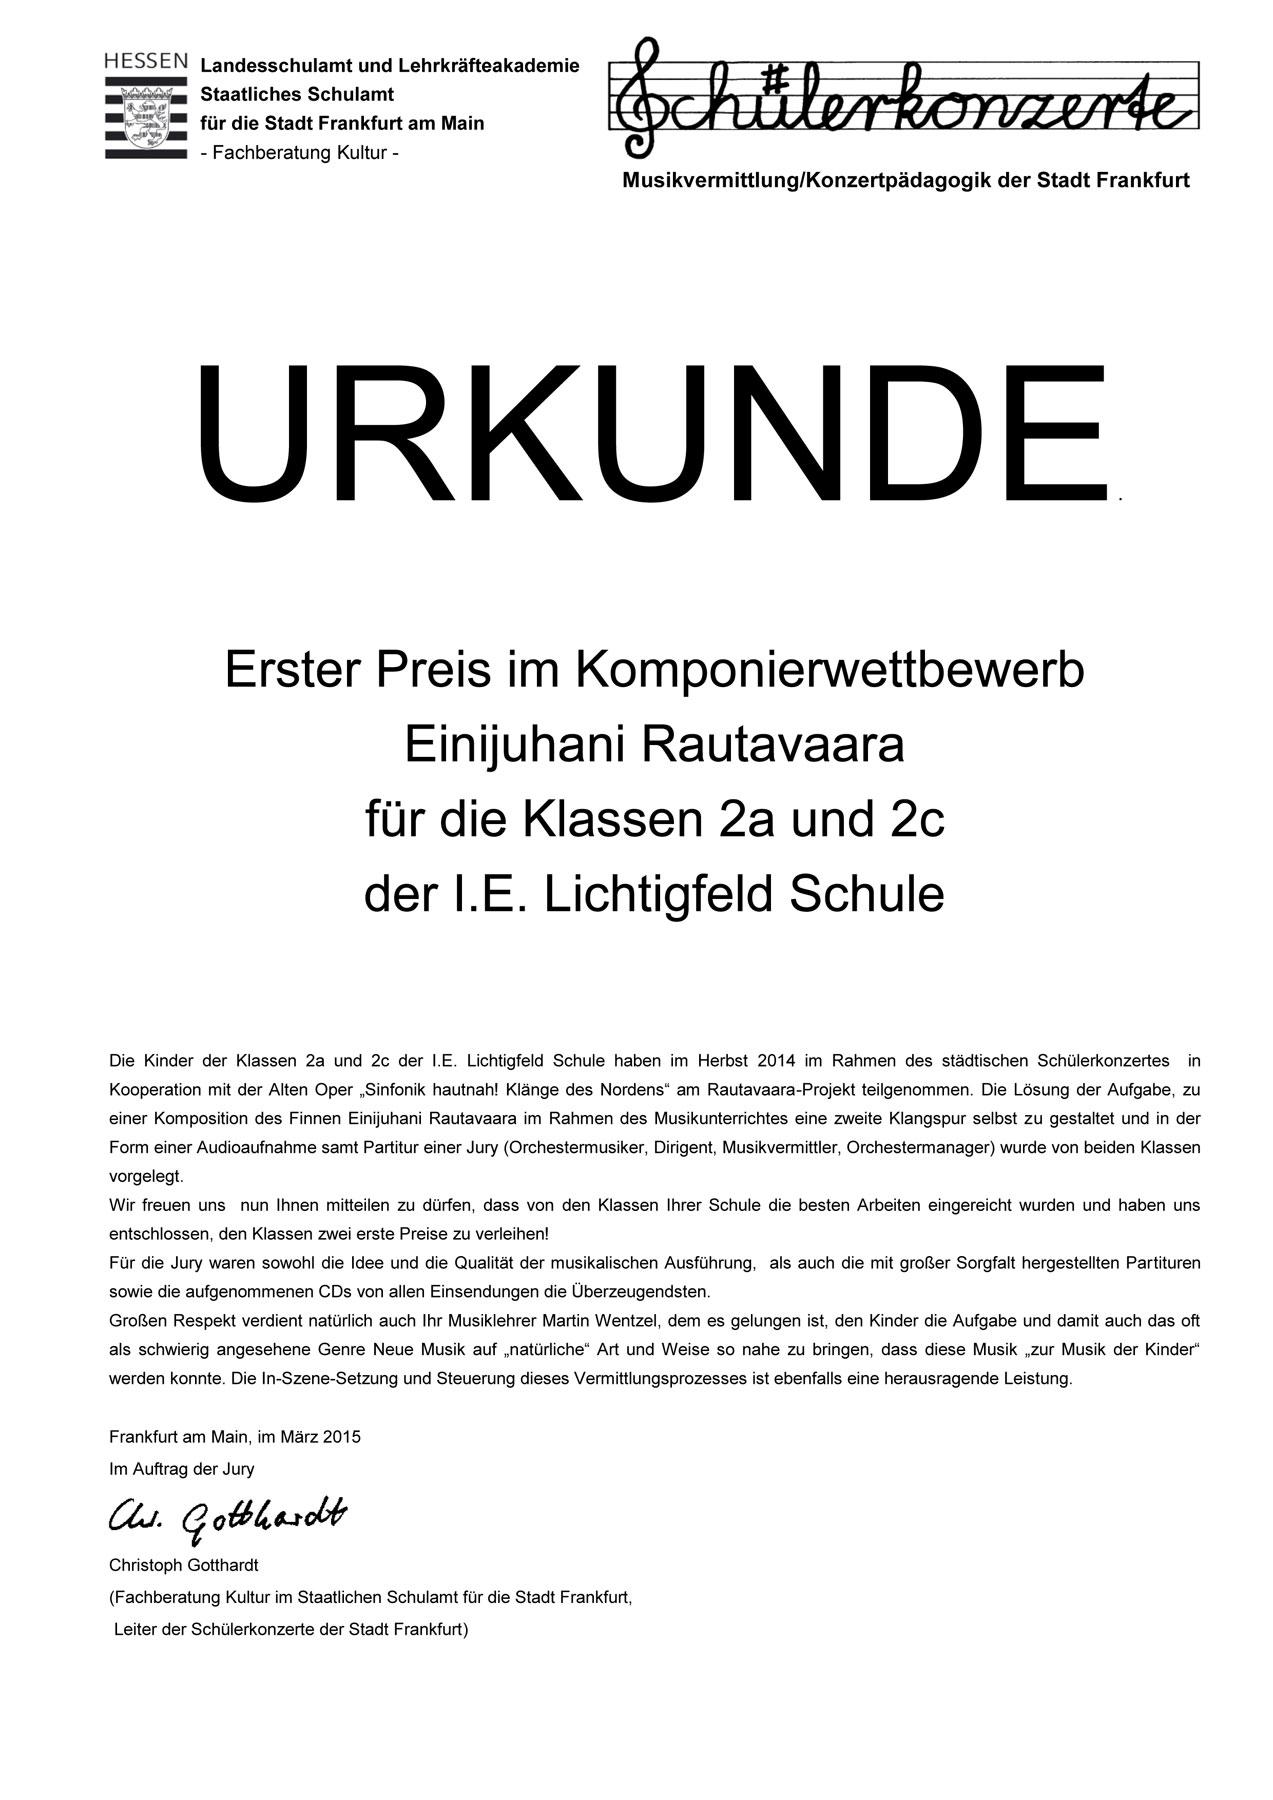 Auszeichnung: Erster Preis im Komponierwettbewerb Einijuhani Rautavaara